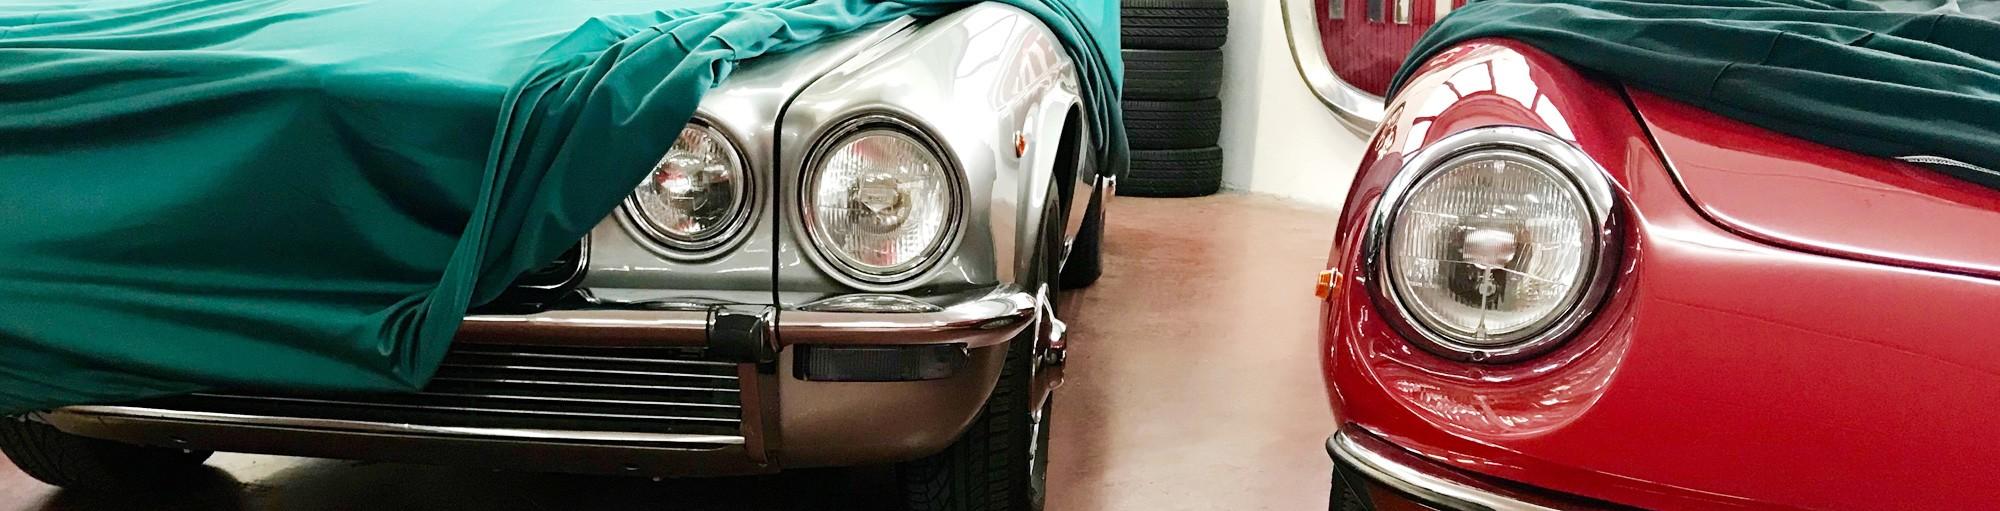 Auto classiche e vintage in vendita - Passione Classica